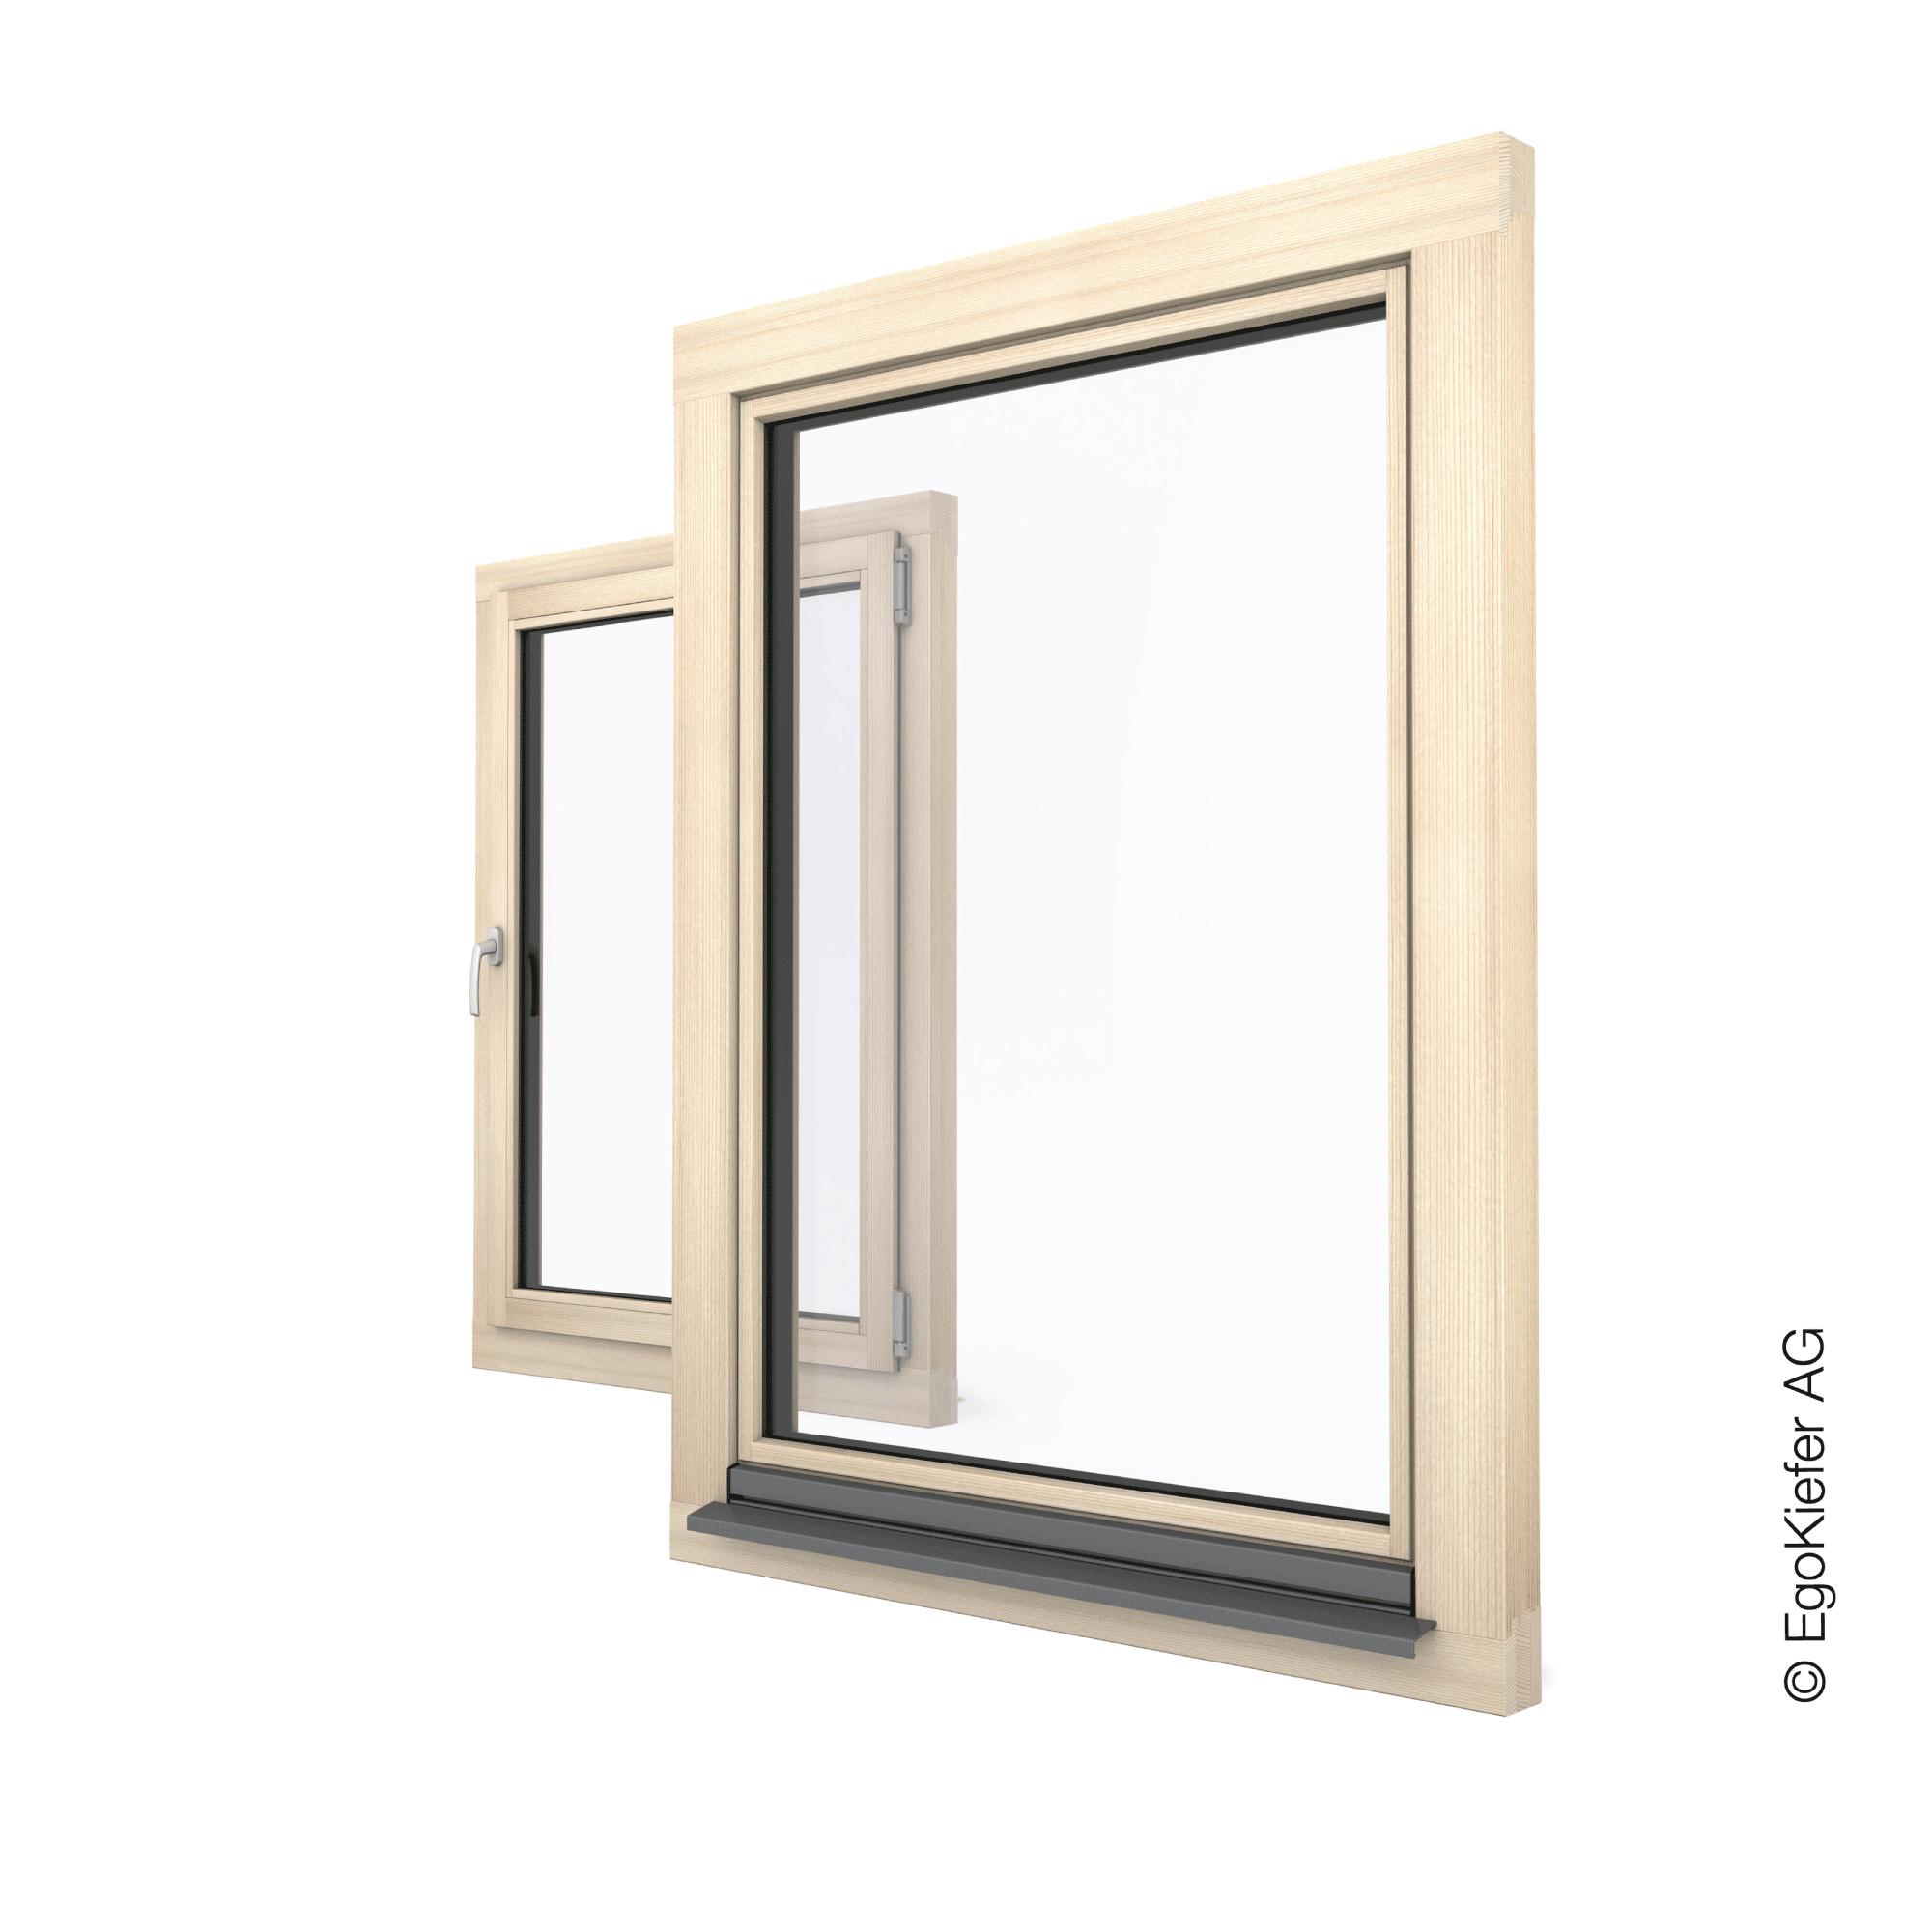 WEB1 Holz Fenster EgoWoodstar Zeichenfläche 1